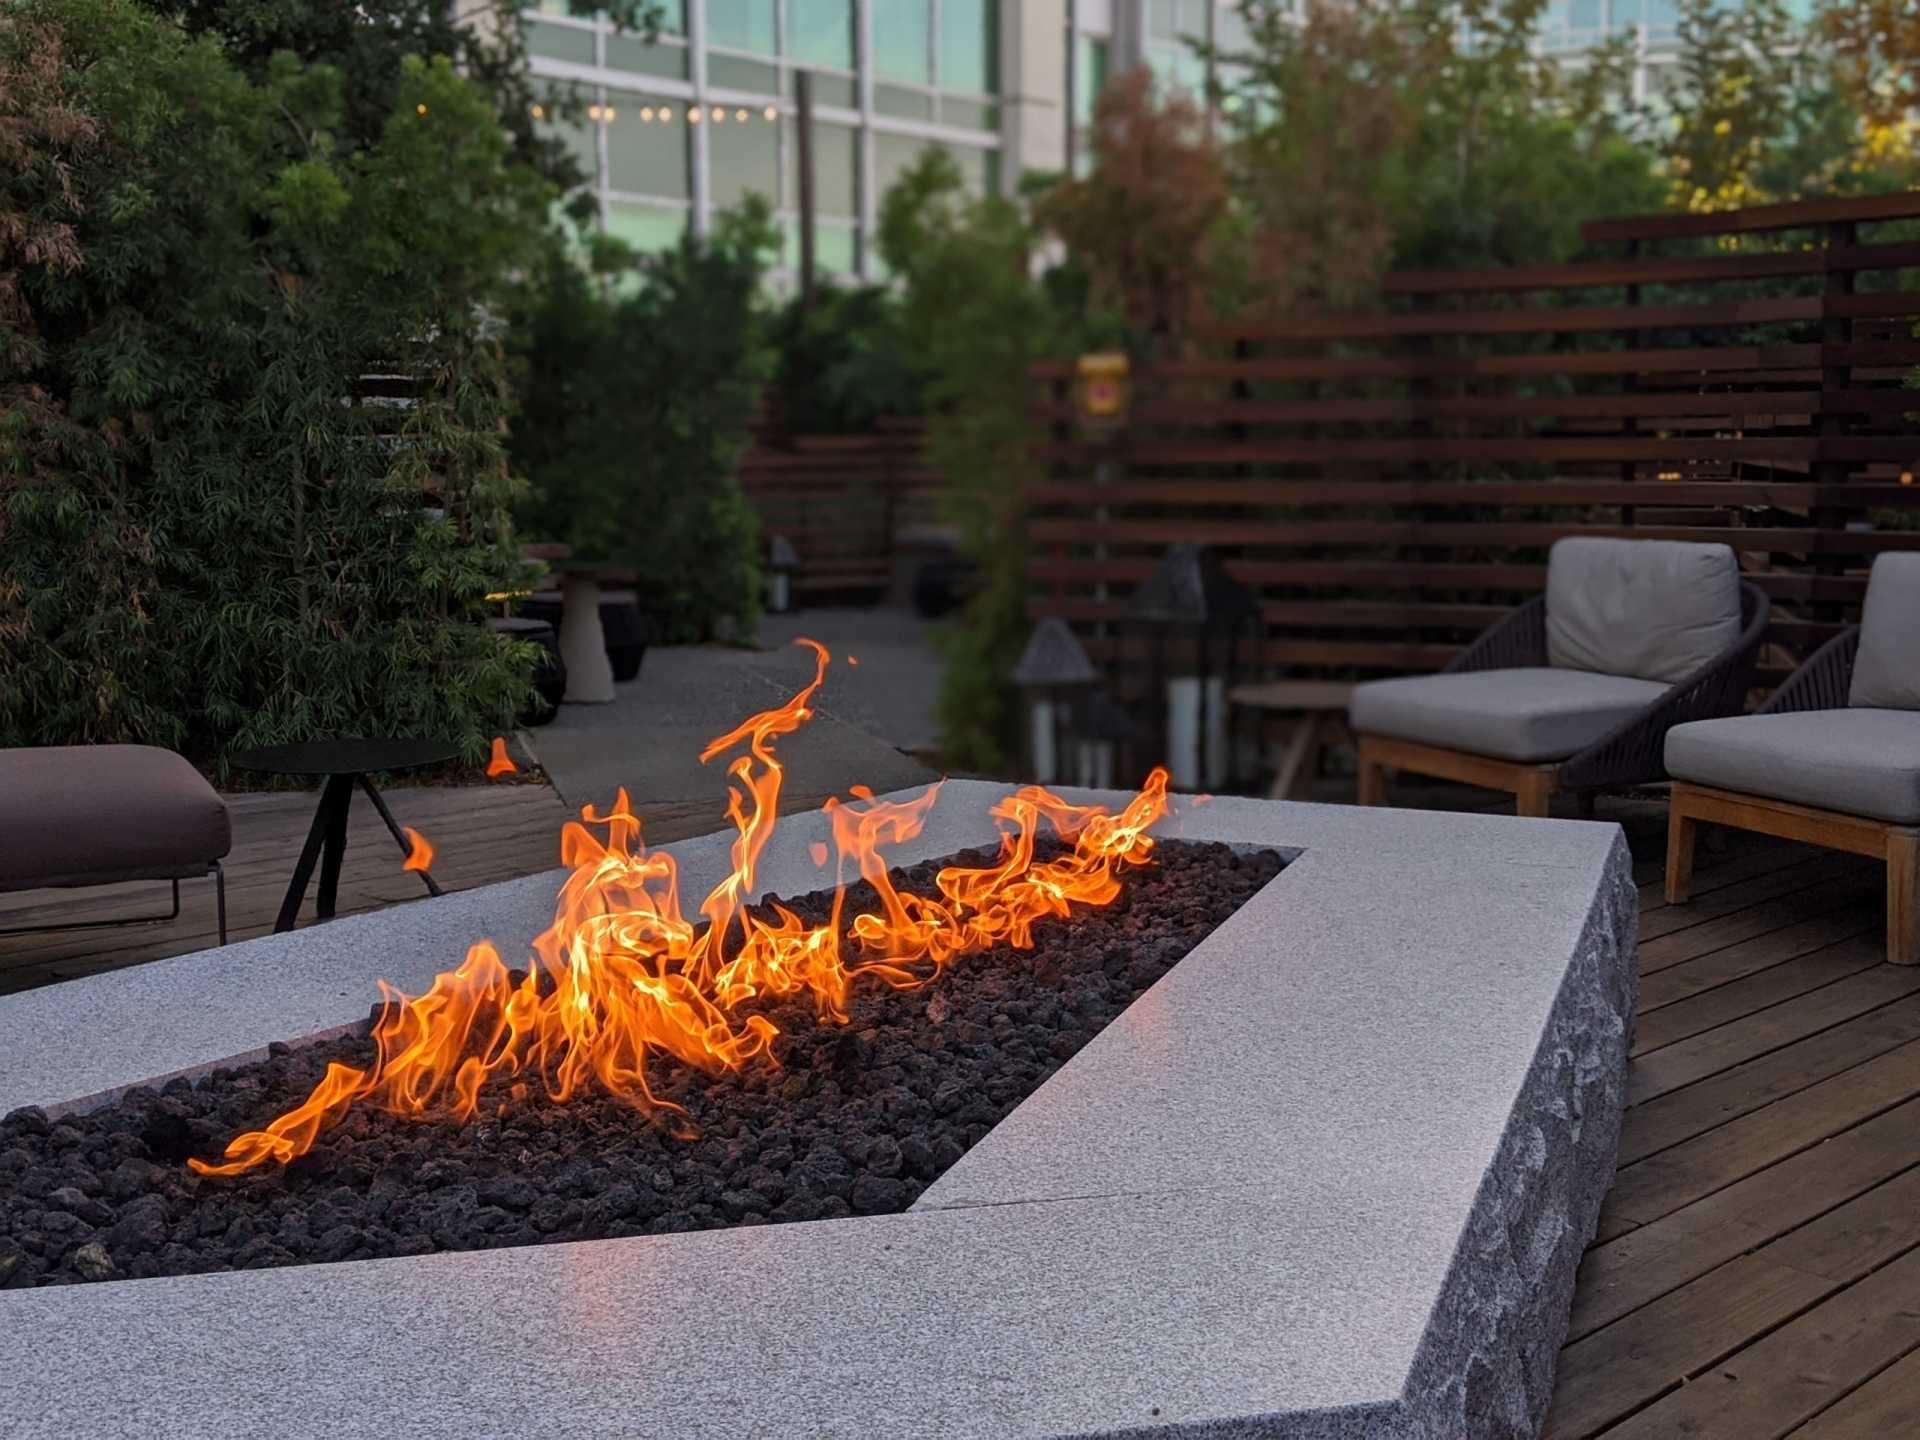 Feuerstelle im Garten: Für gesellige Abende und knisternde Momente